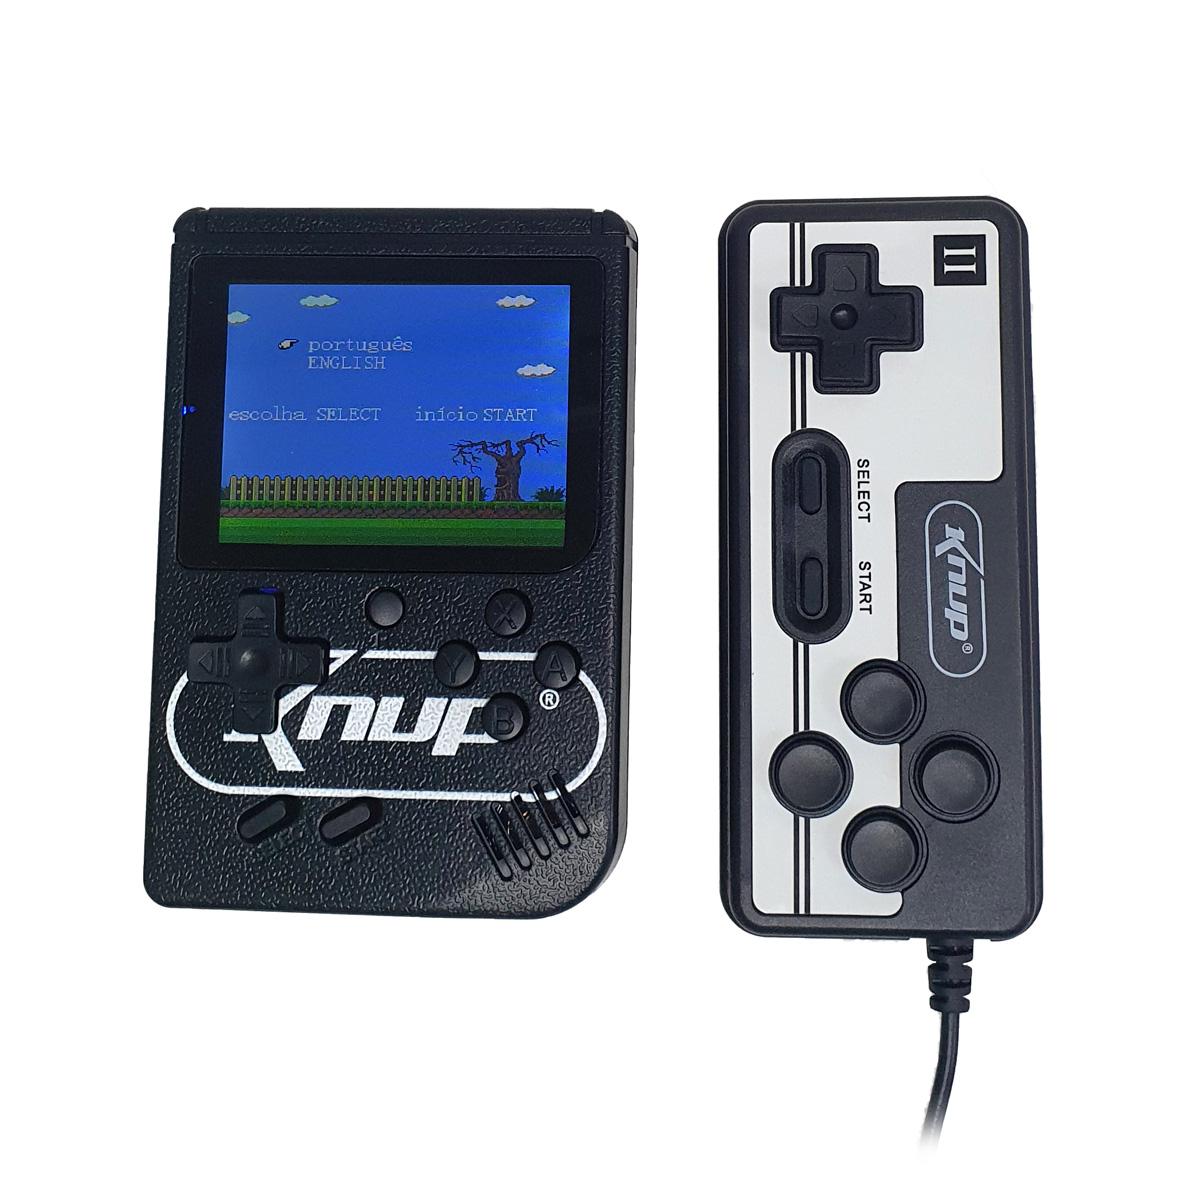 Mini Vídeo Game Retrô GameBox 400 Jogos Clássicos em 1